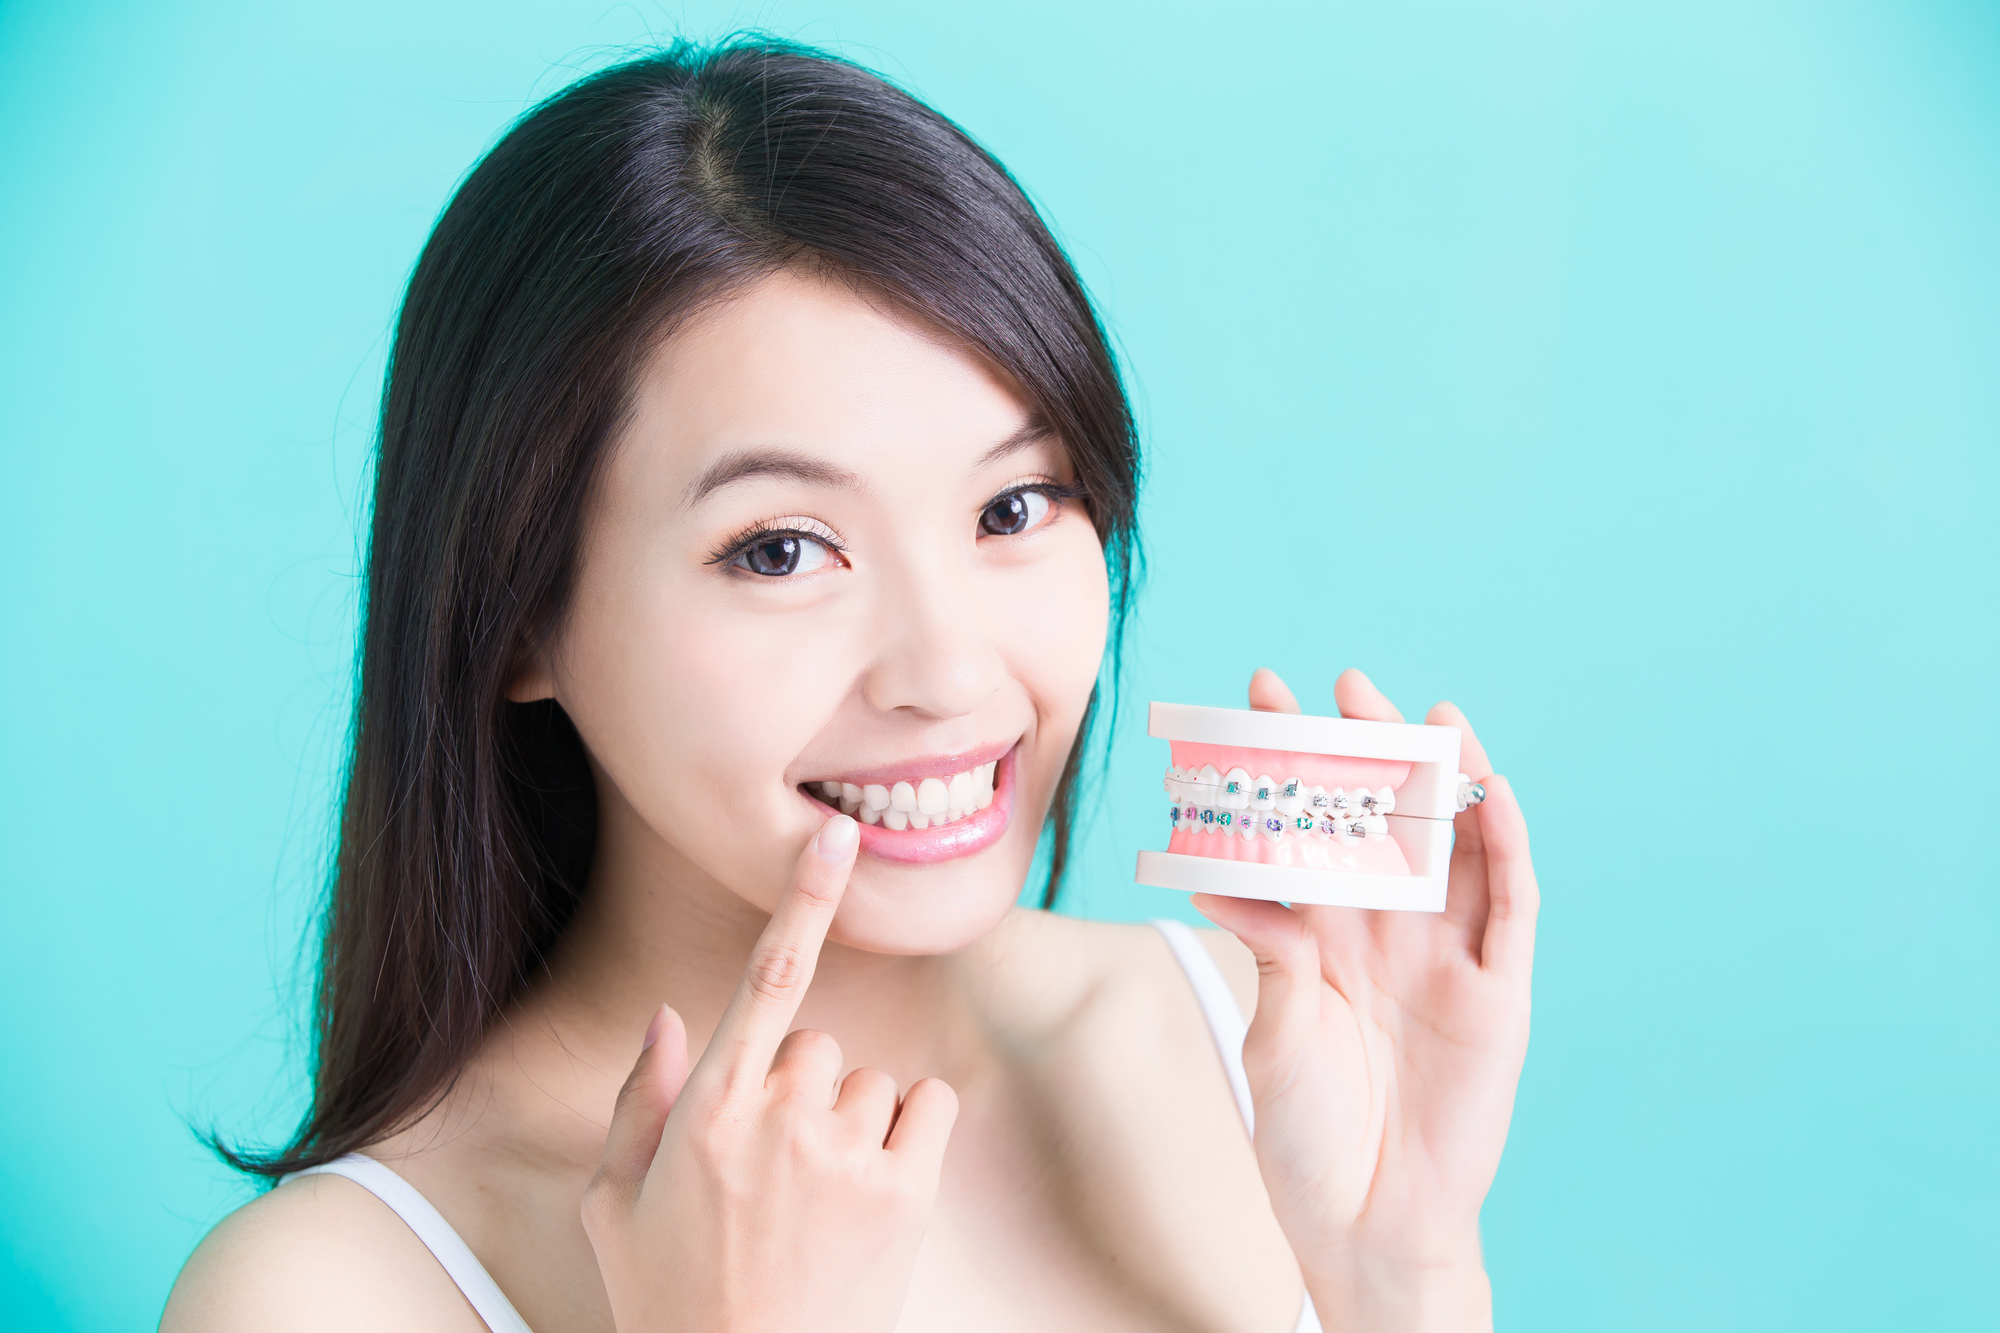 歯並びを改善!矯正治療の種類や費用、自宅でできる改善法MFTとは?